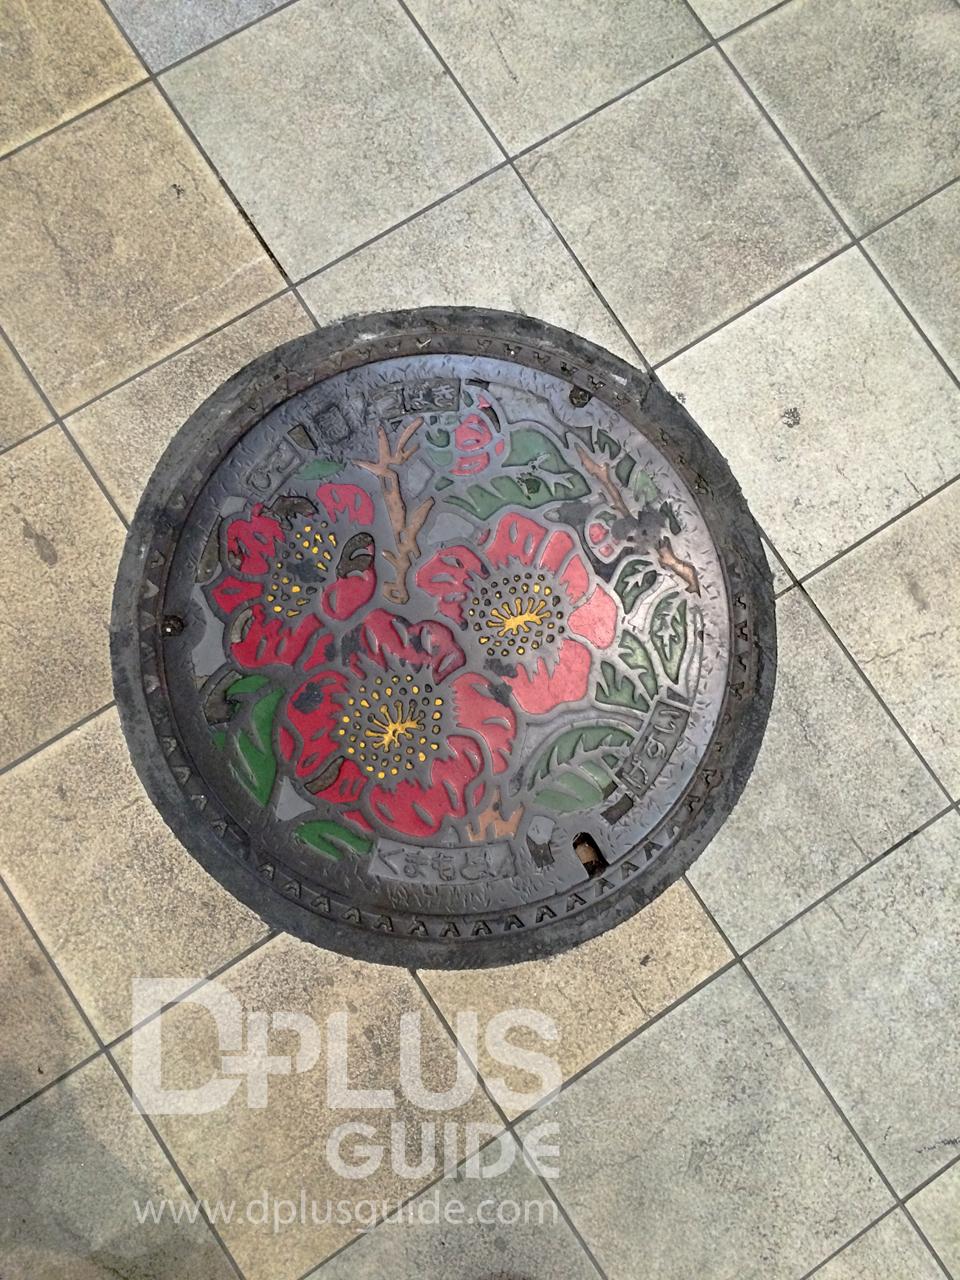 ฝาท่อเมืองคุมาโมโตะ นอกจากเจ้าคุมามงแล้วก็มีดอกไม้นะ